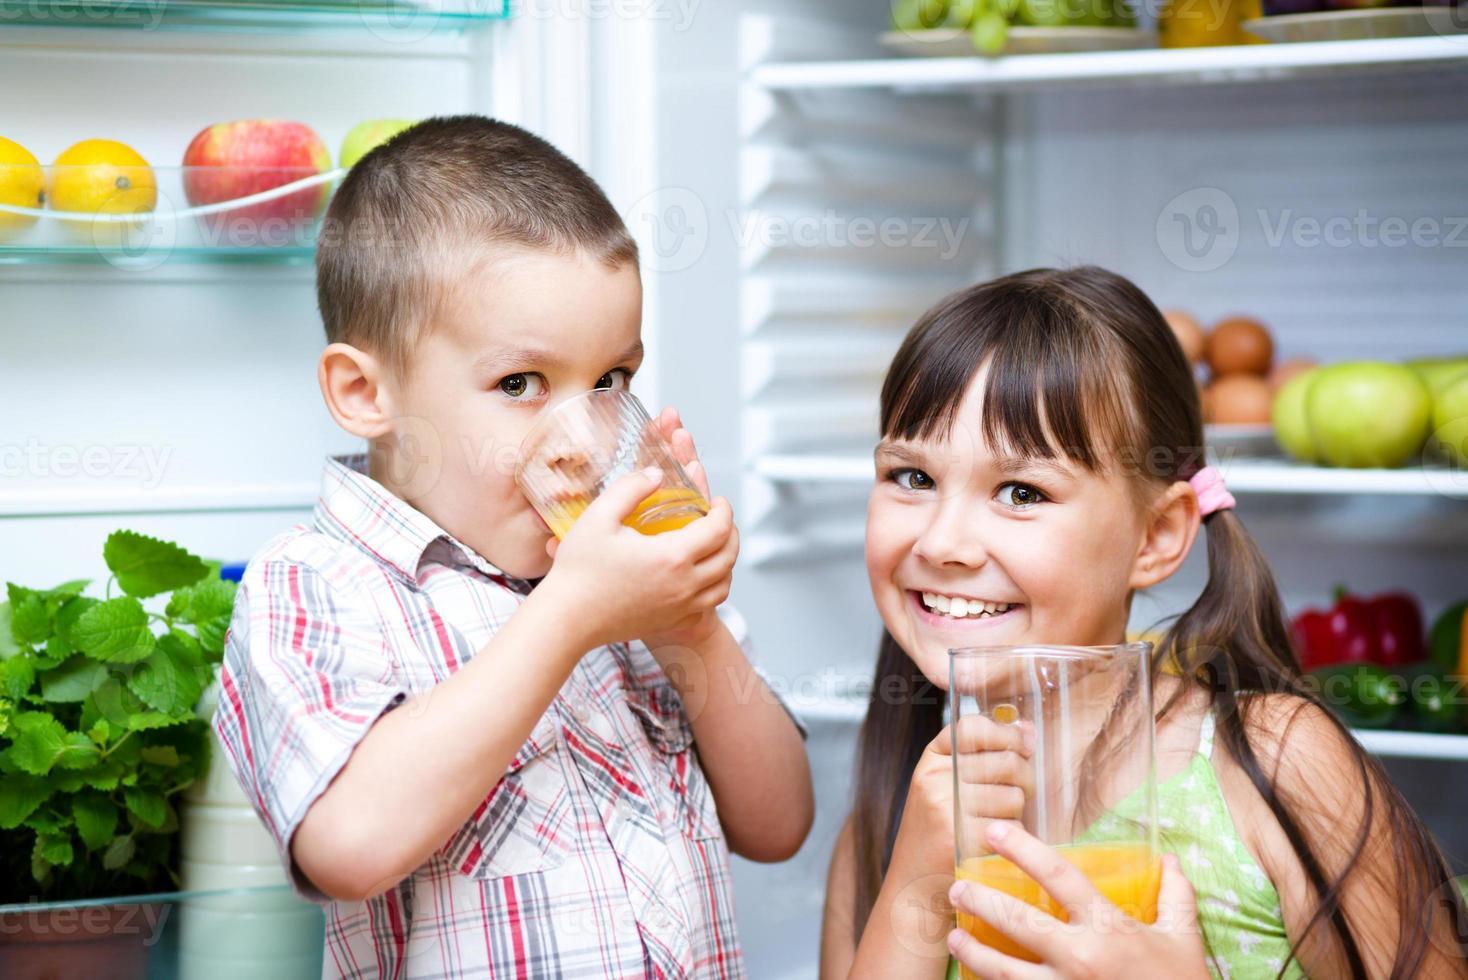 crianças bebem suco perto da geladeira foto